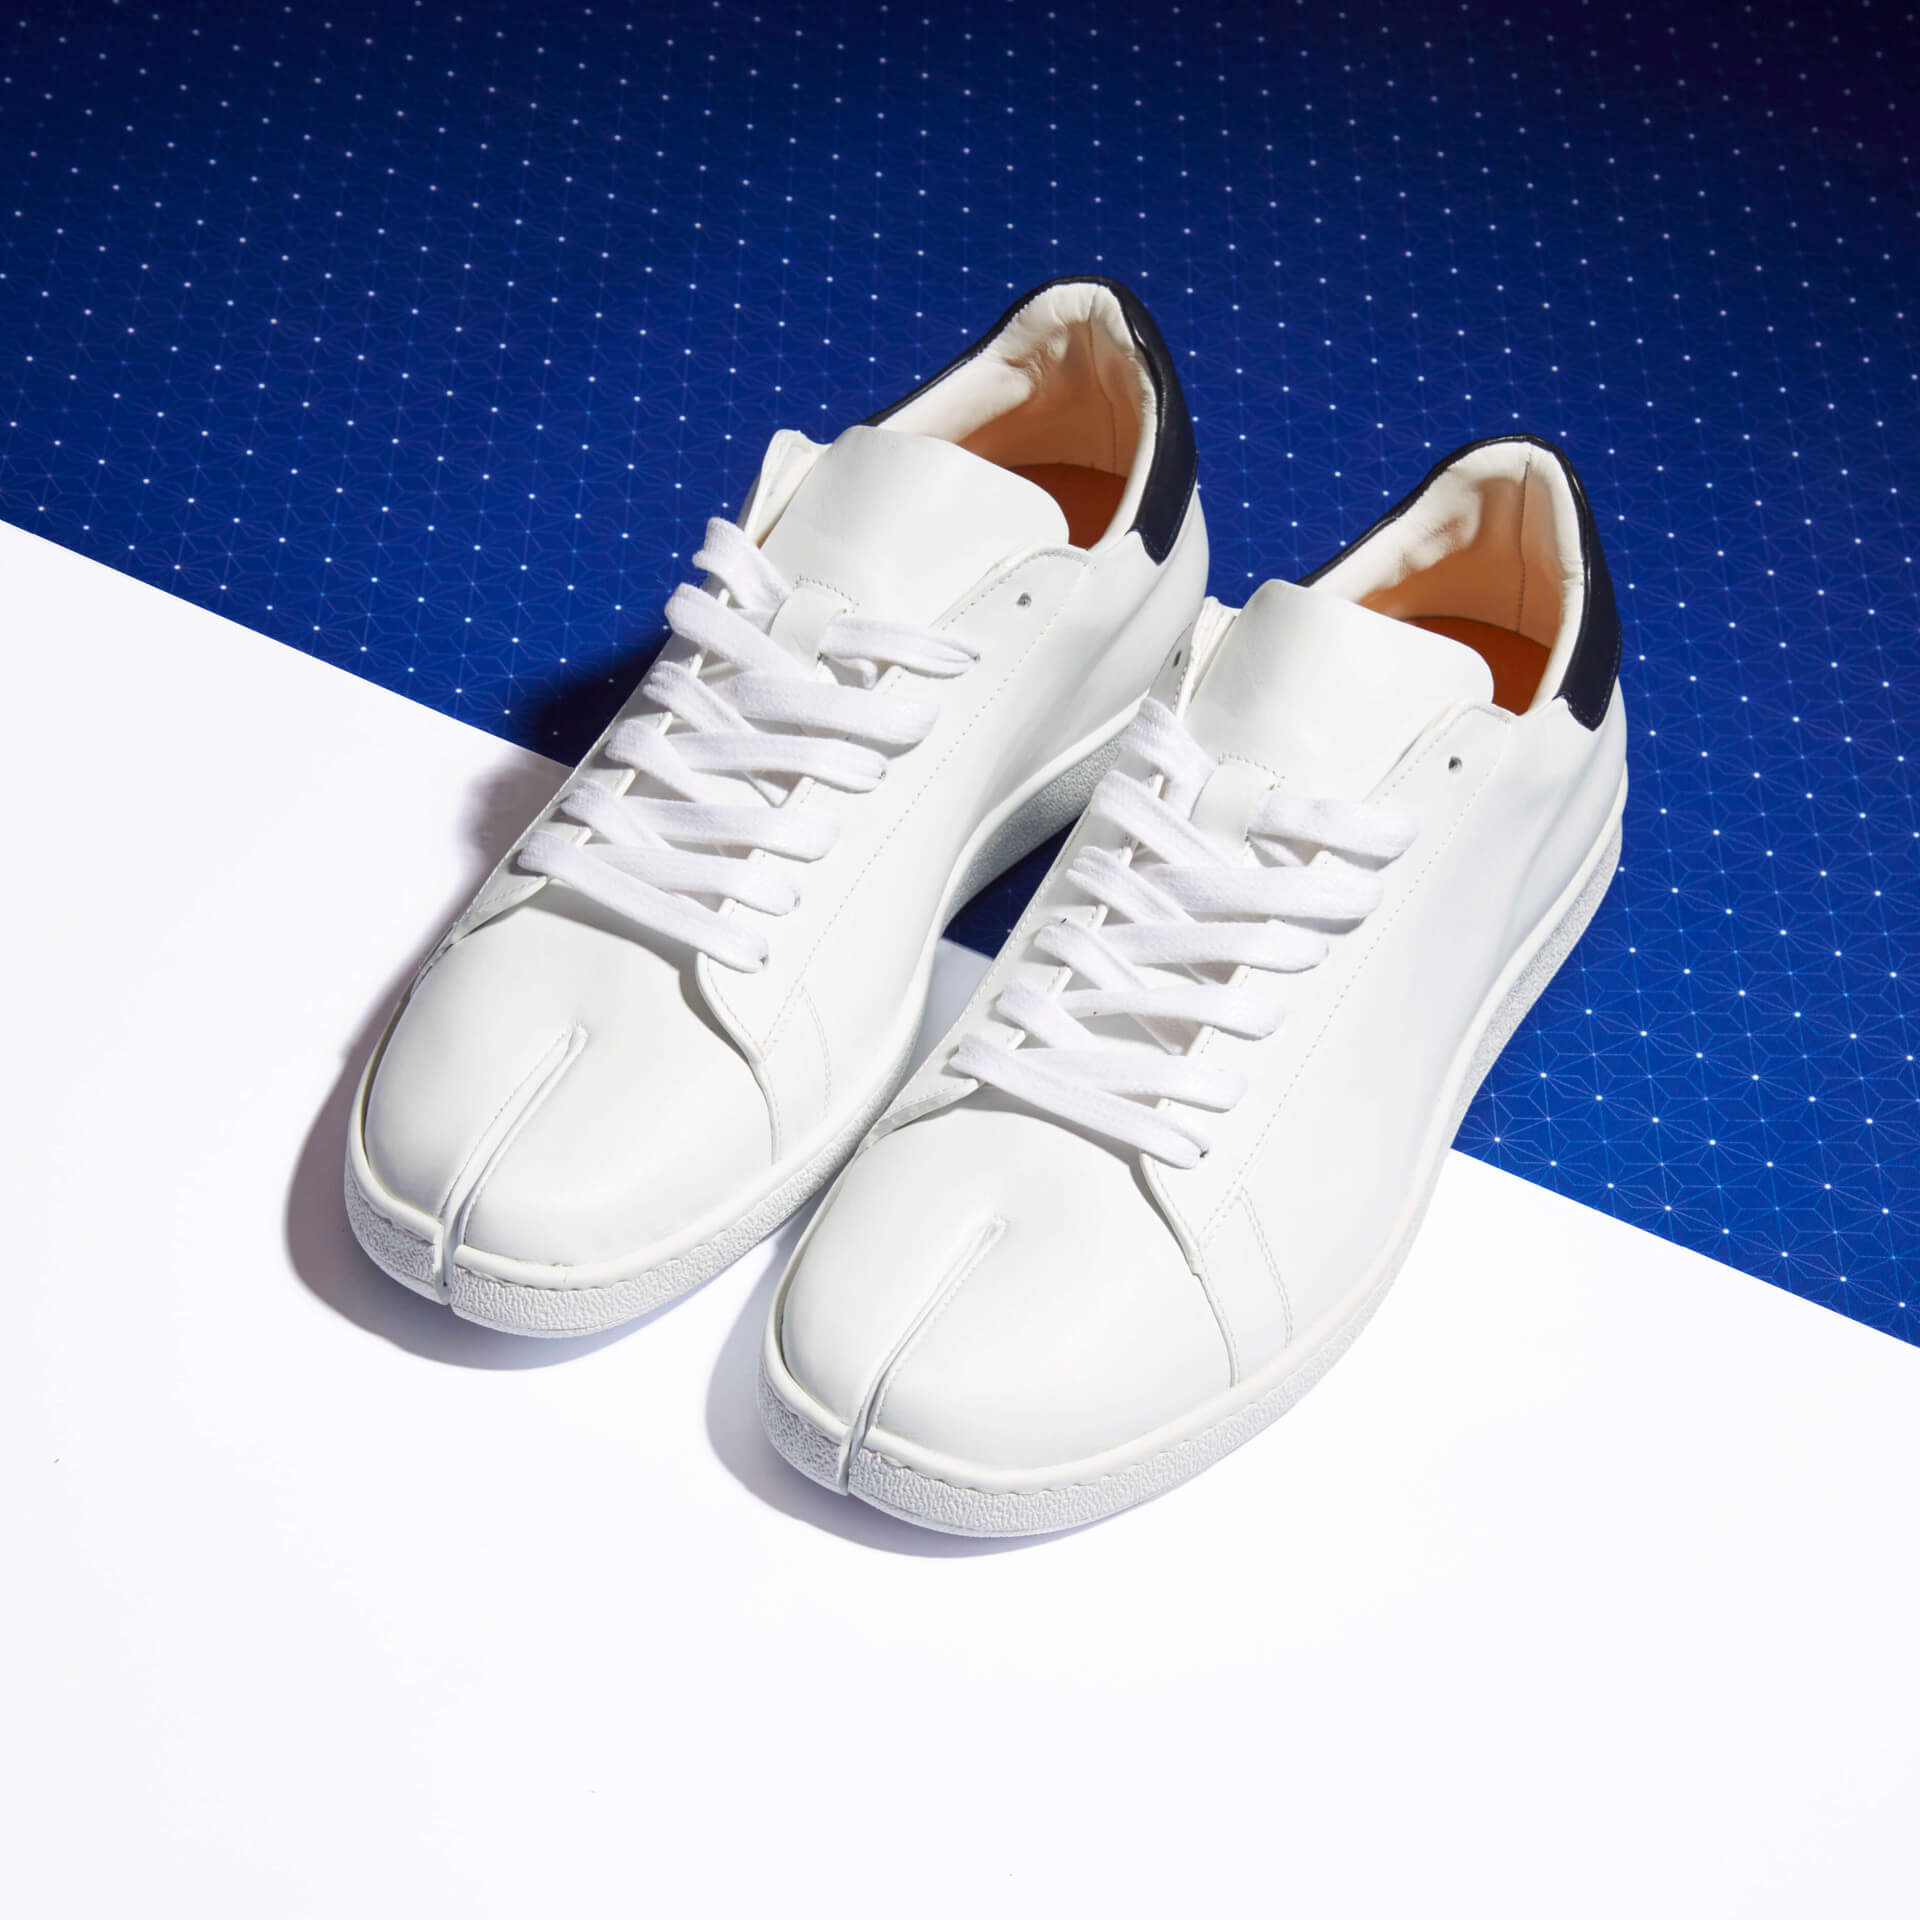 snd_tabi-sneaker_pattern25809